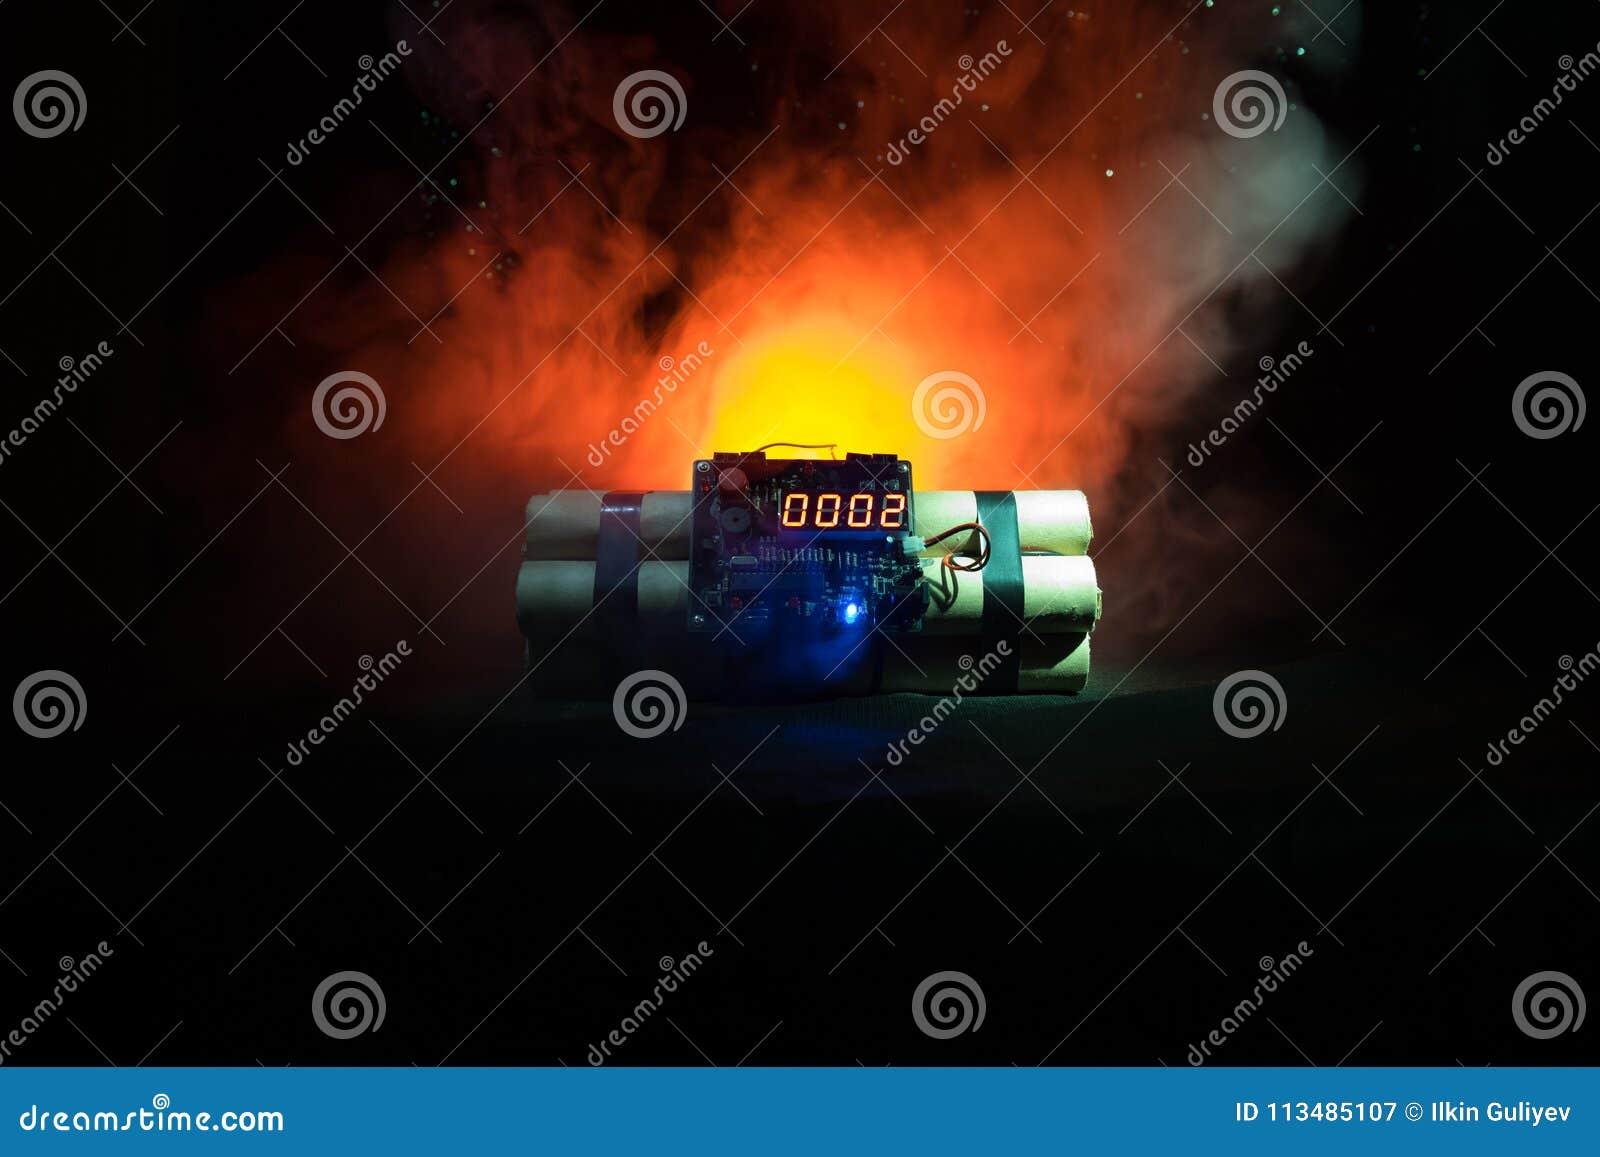 Beeld van een tijdbom tegen donkere achtergrond Tijdopnemer het tellen neer aan ontploffing in schacht het lichte glanzen door D